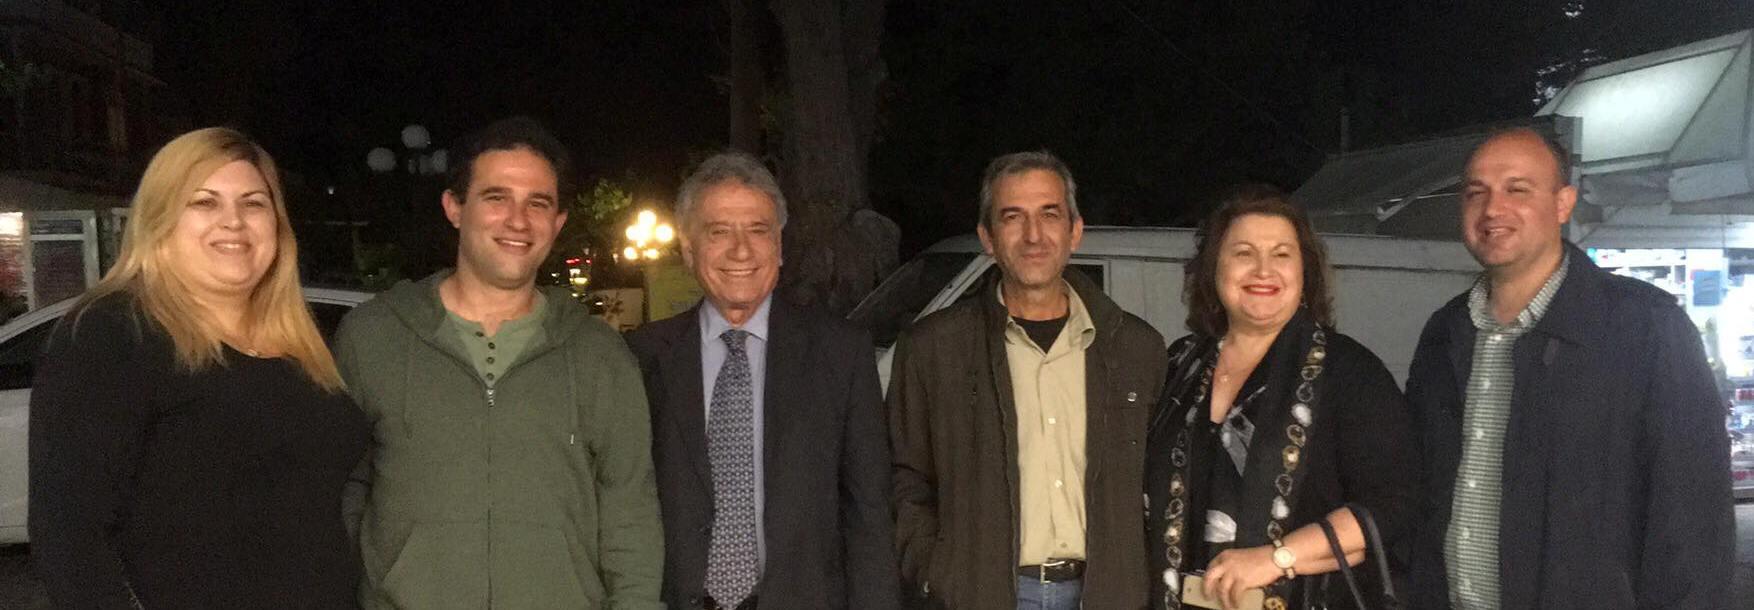 Με υποψηφίους της Π.Ε. Κεφαλονιάς